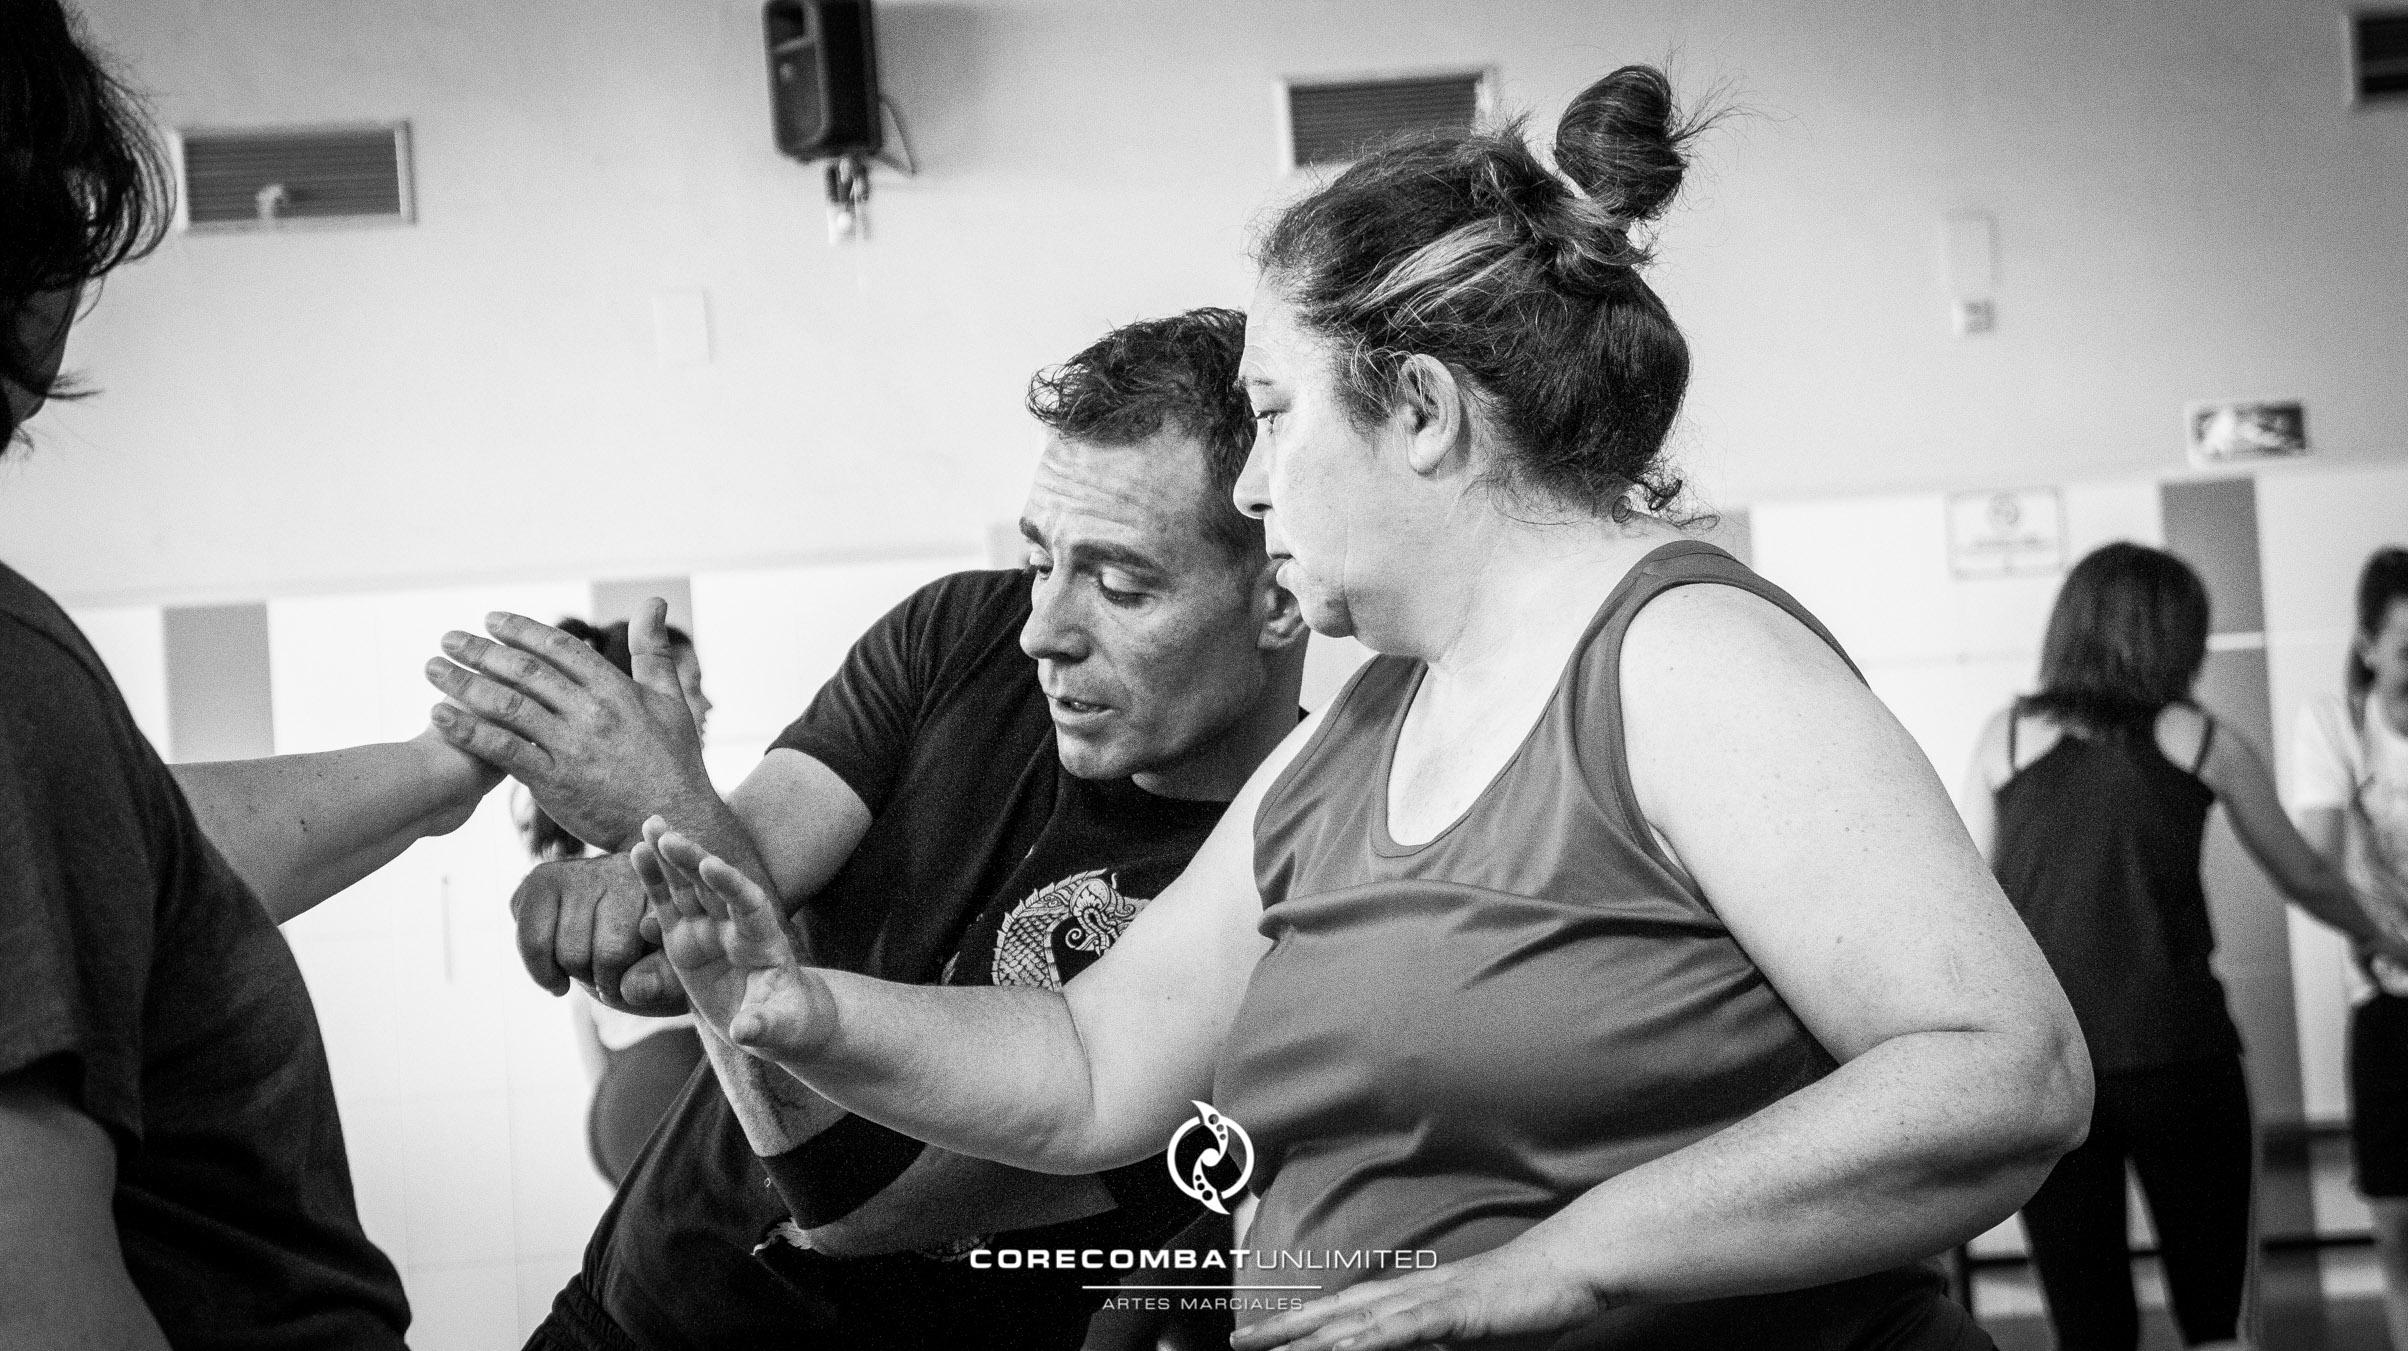 curso-defensa-personal-para-mujeres-zamora-coreses-artes-marciales-zamora-core-combat-salamanca-valladolid-leon-madrid-14